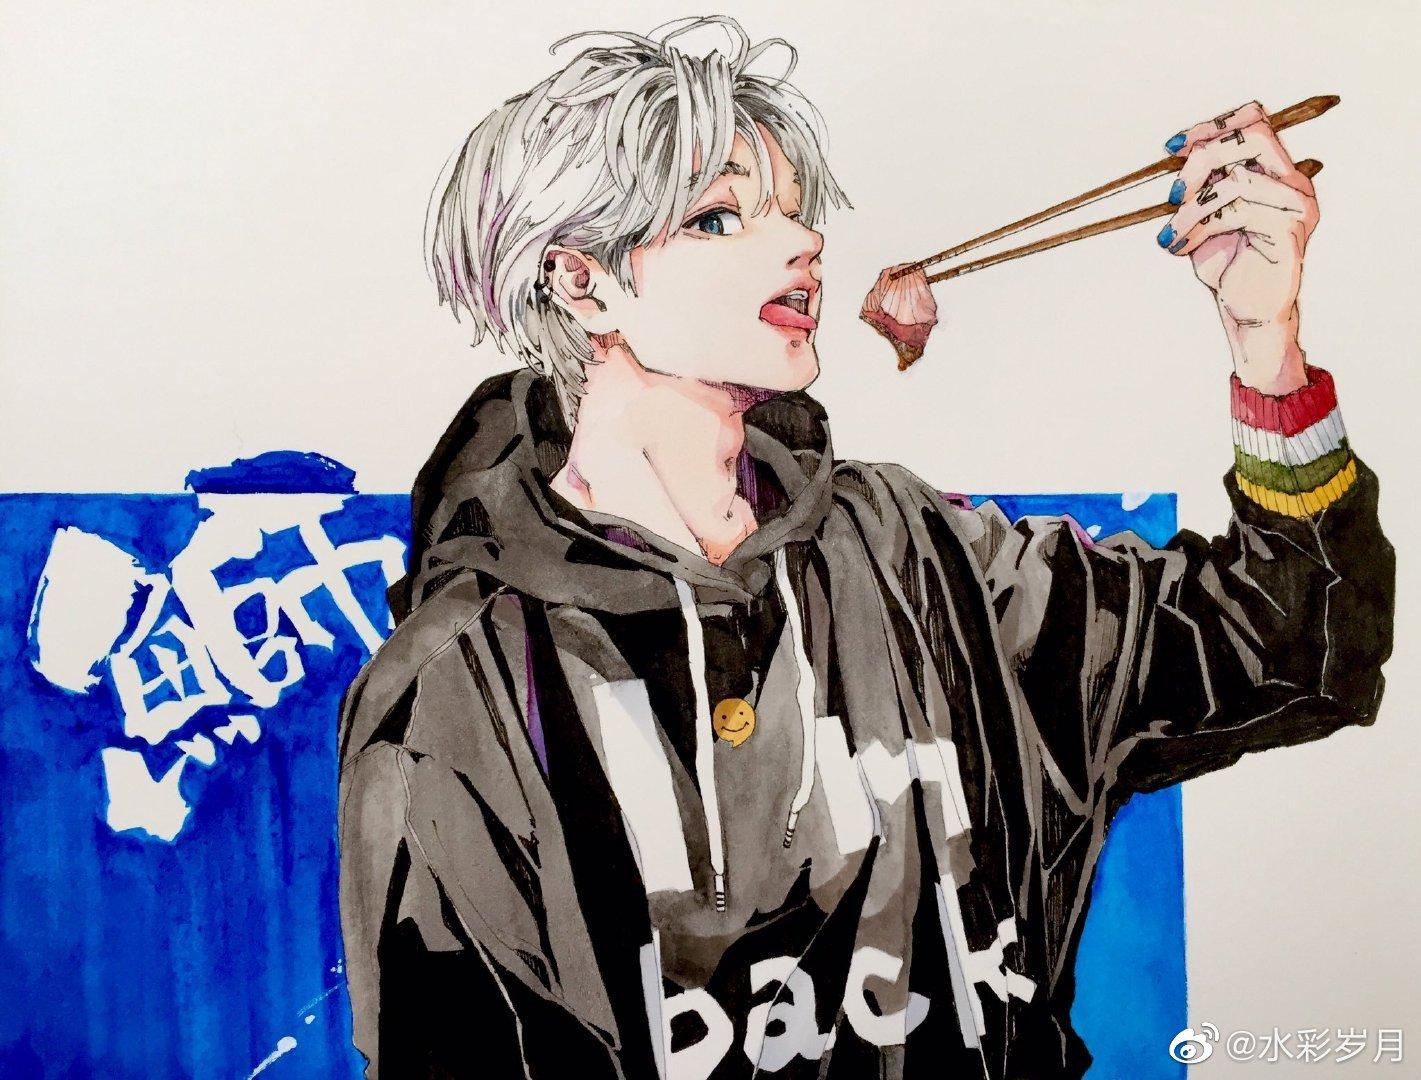 艺术家  ‖  twi:camaro_b_tkg  钢笔淡彩人物插画